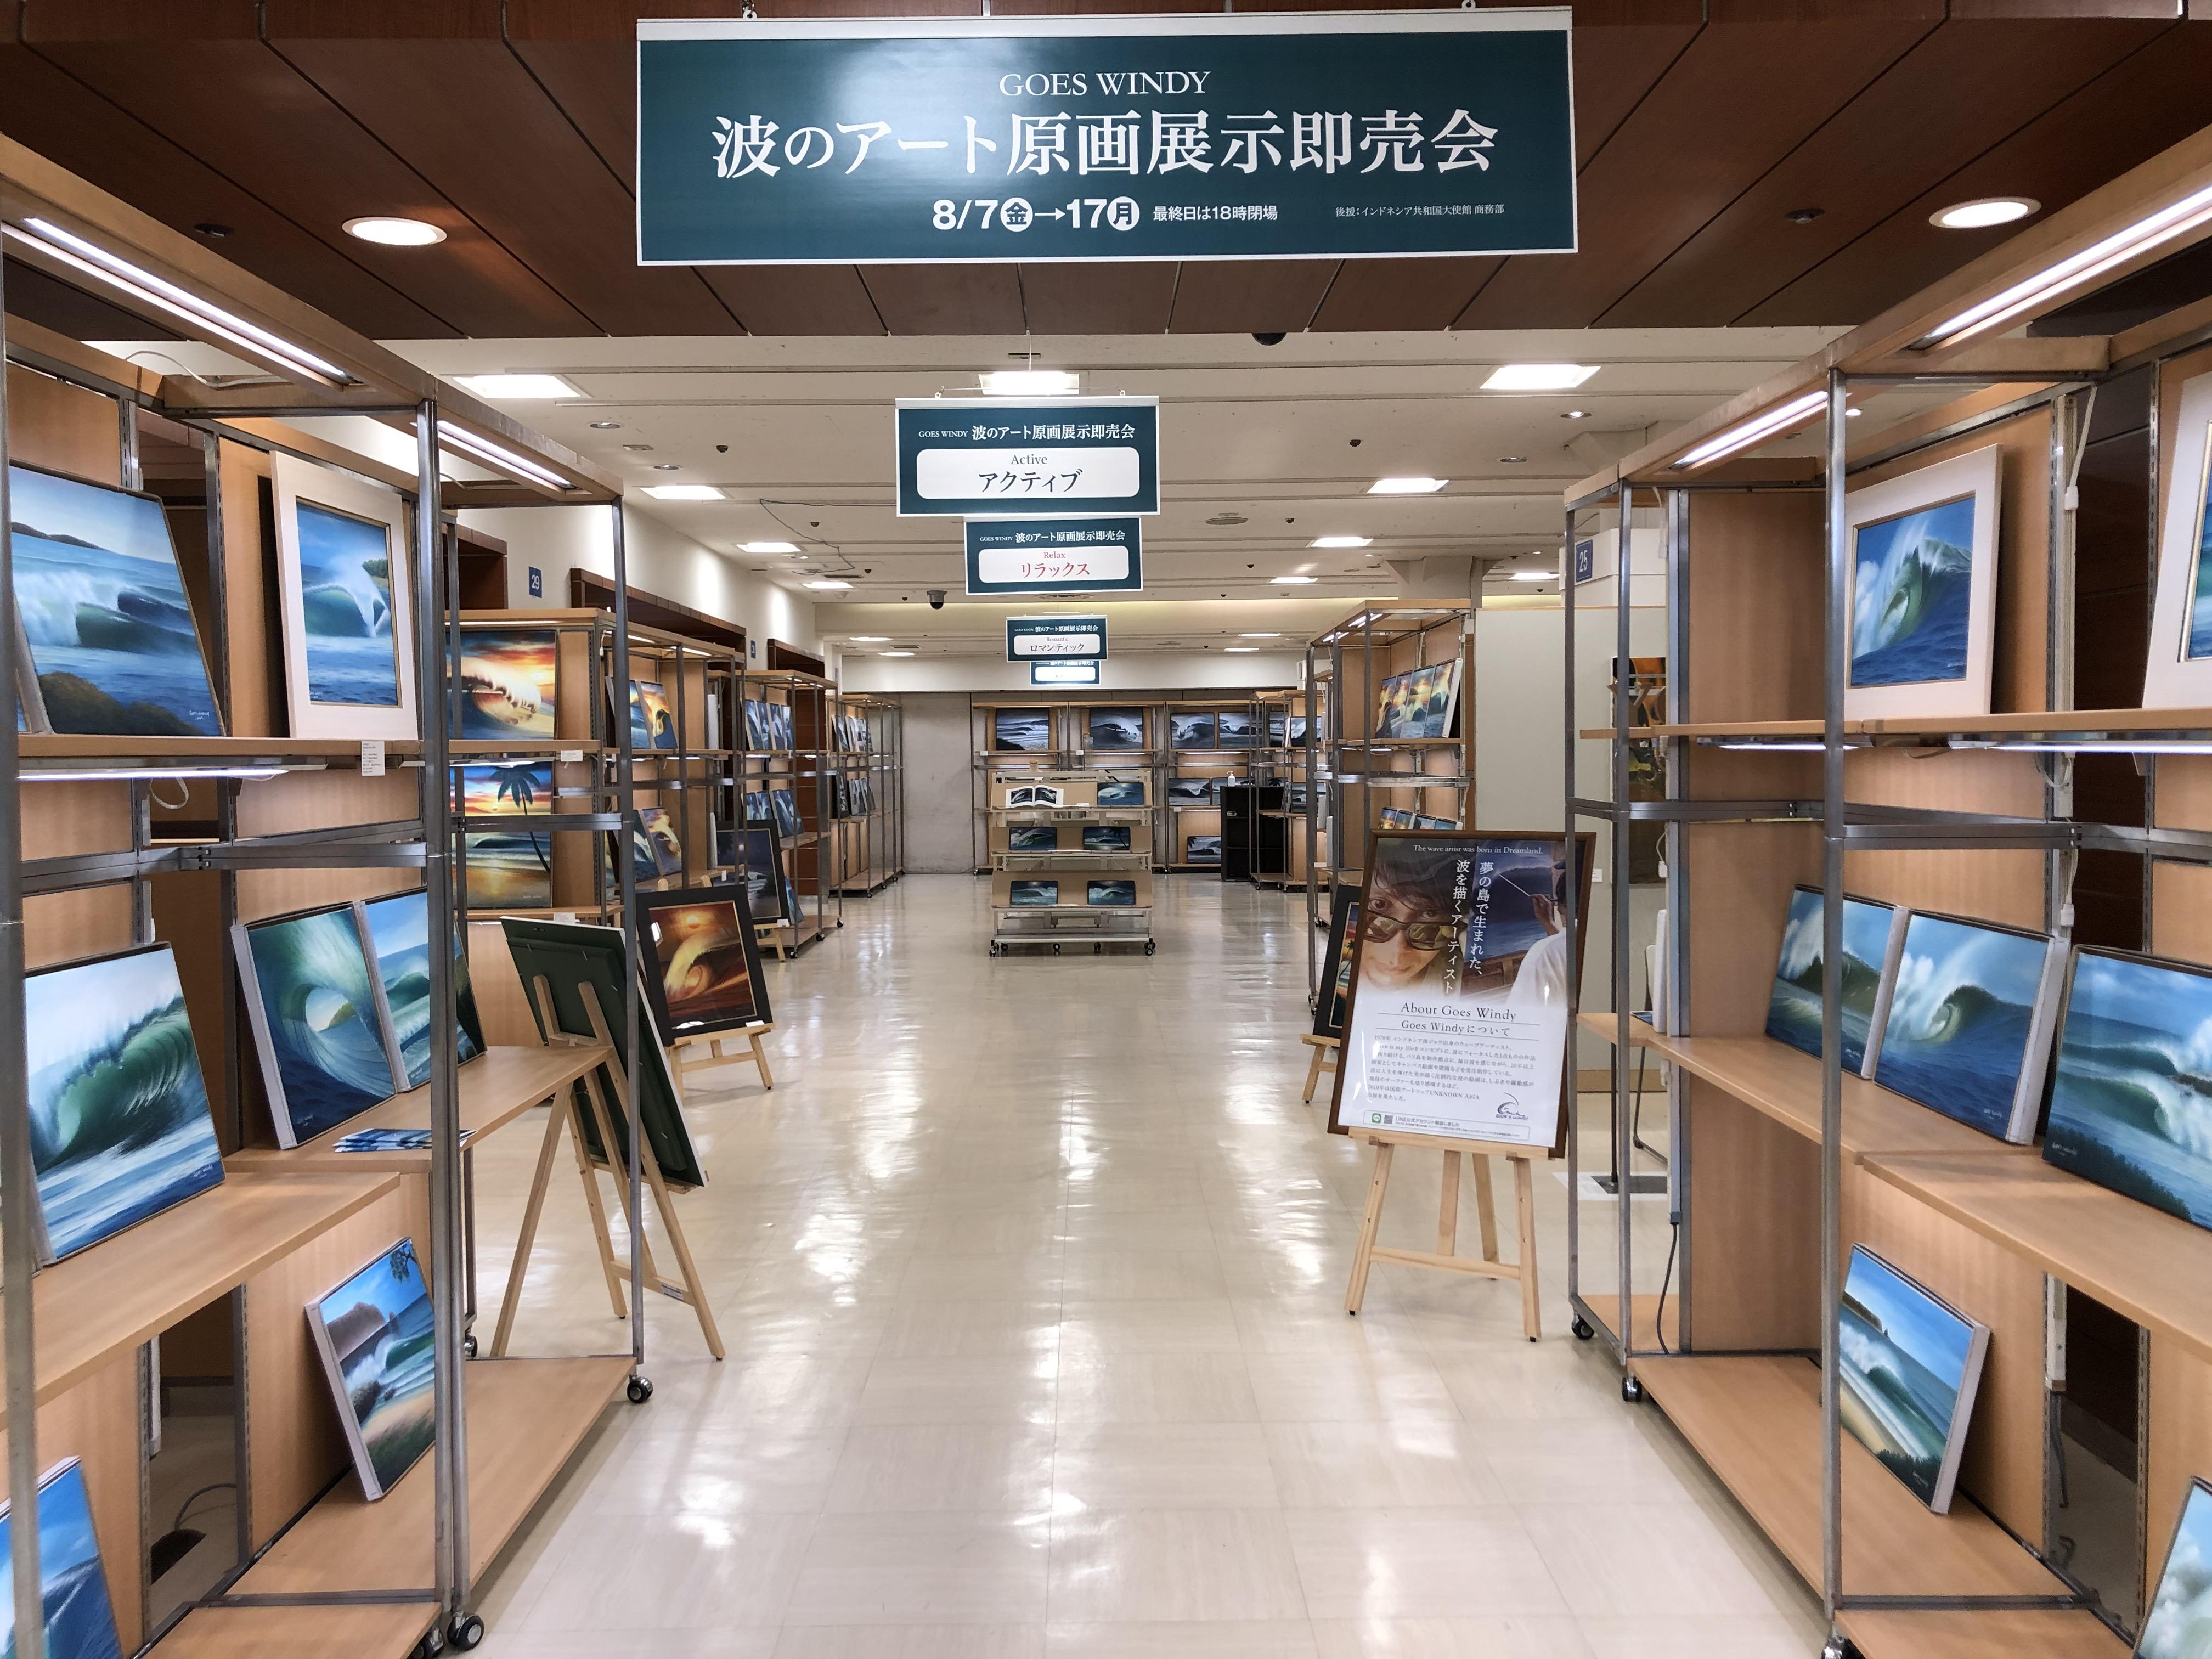 【催事出店のお知らせ】松坂屋上野店での催事がスタートしました。